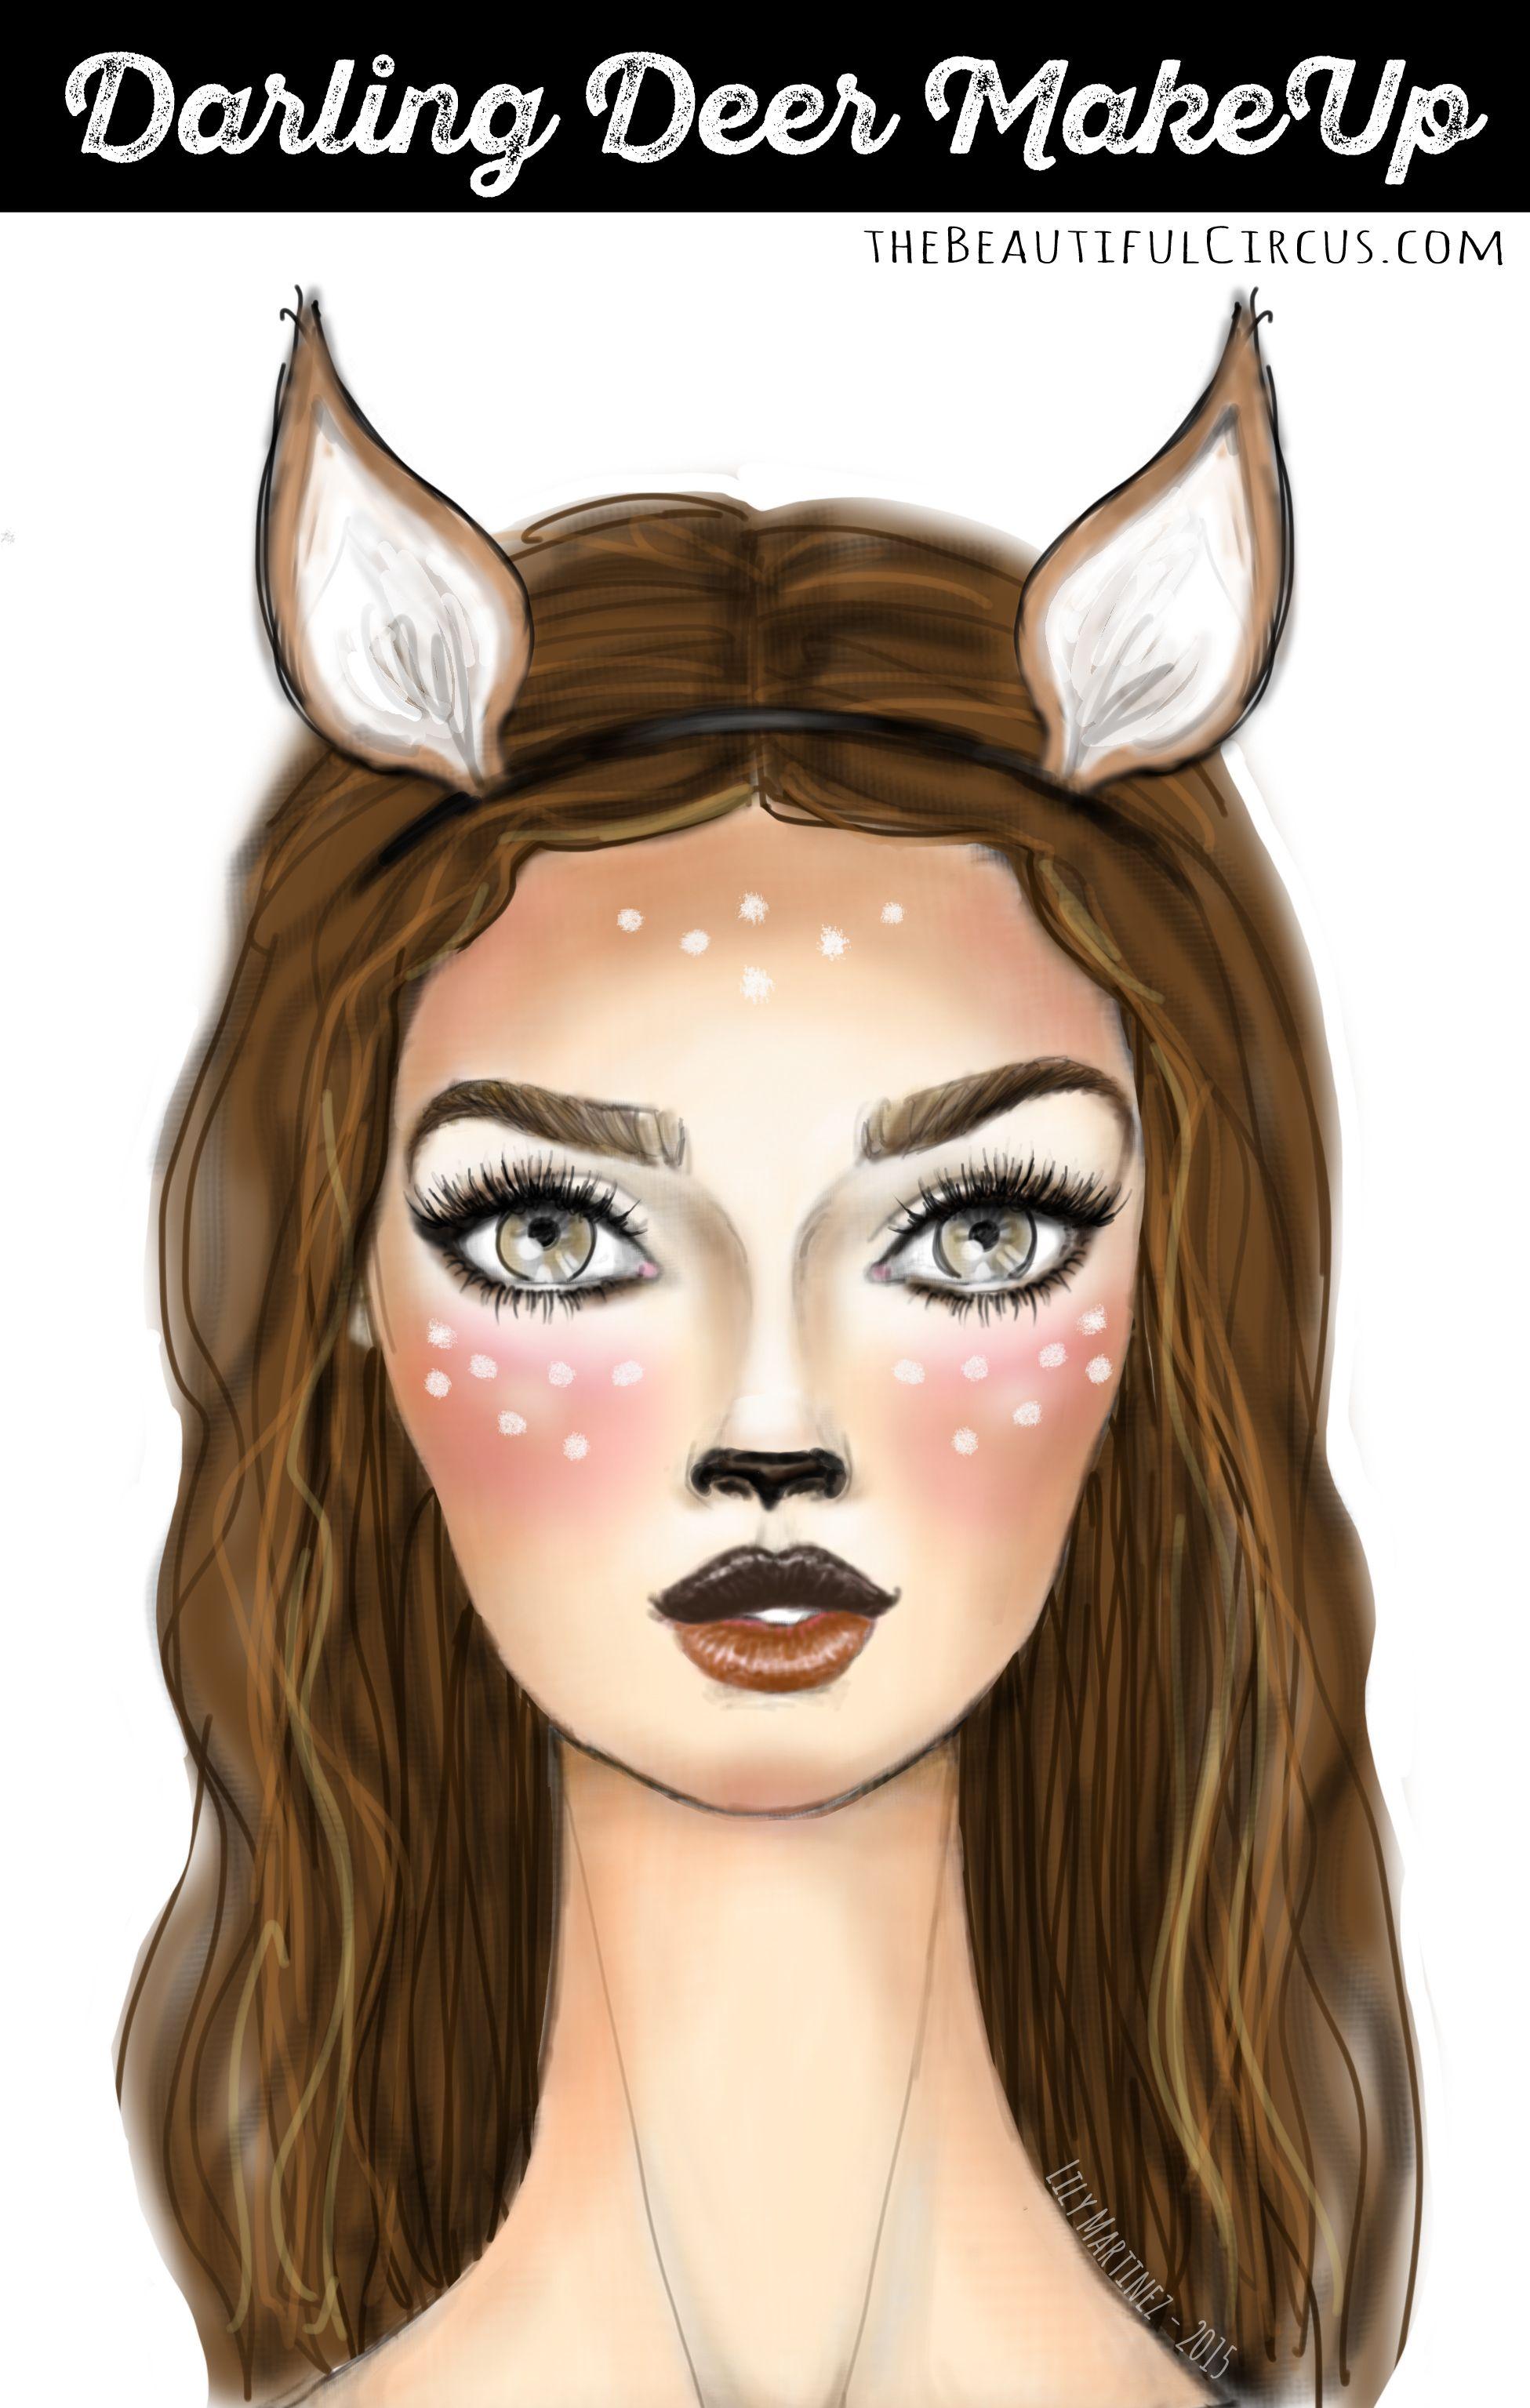 Full Face_Darling Deer